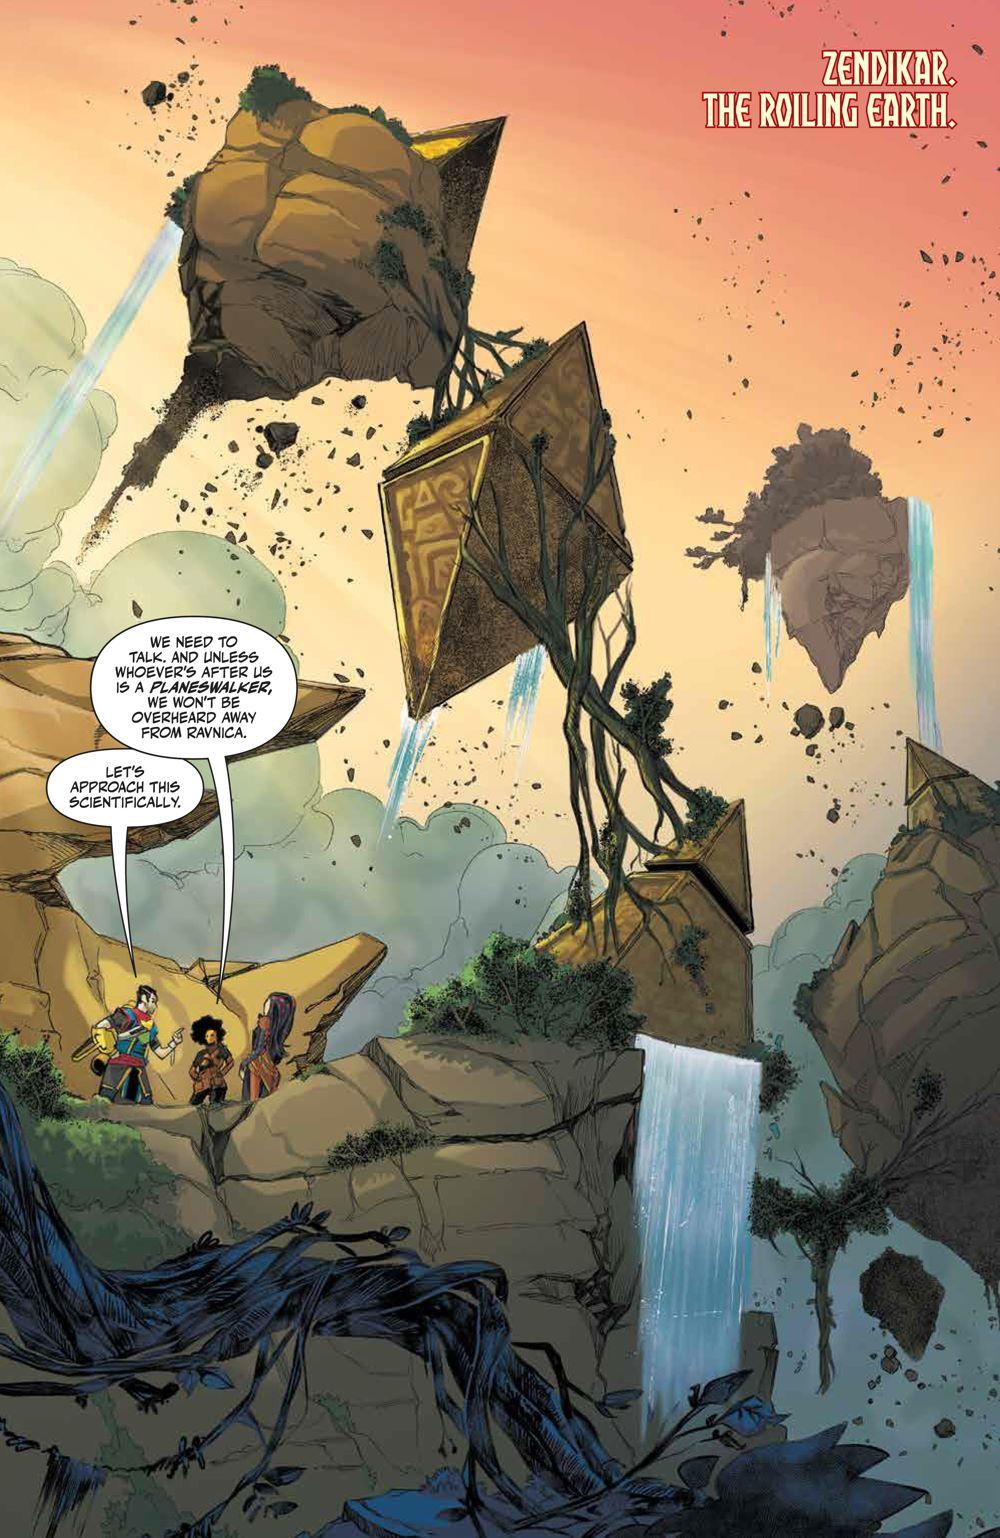 Magic_002_PRESS_3 ComicList Previews: MAGIC #2